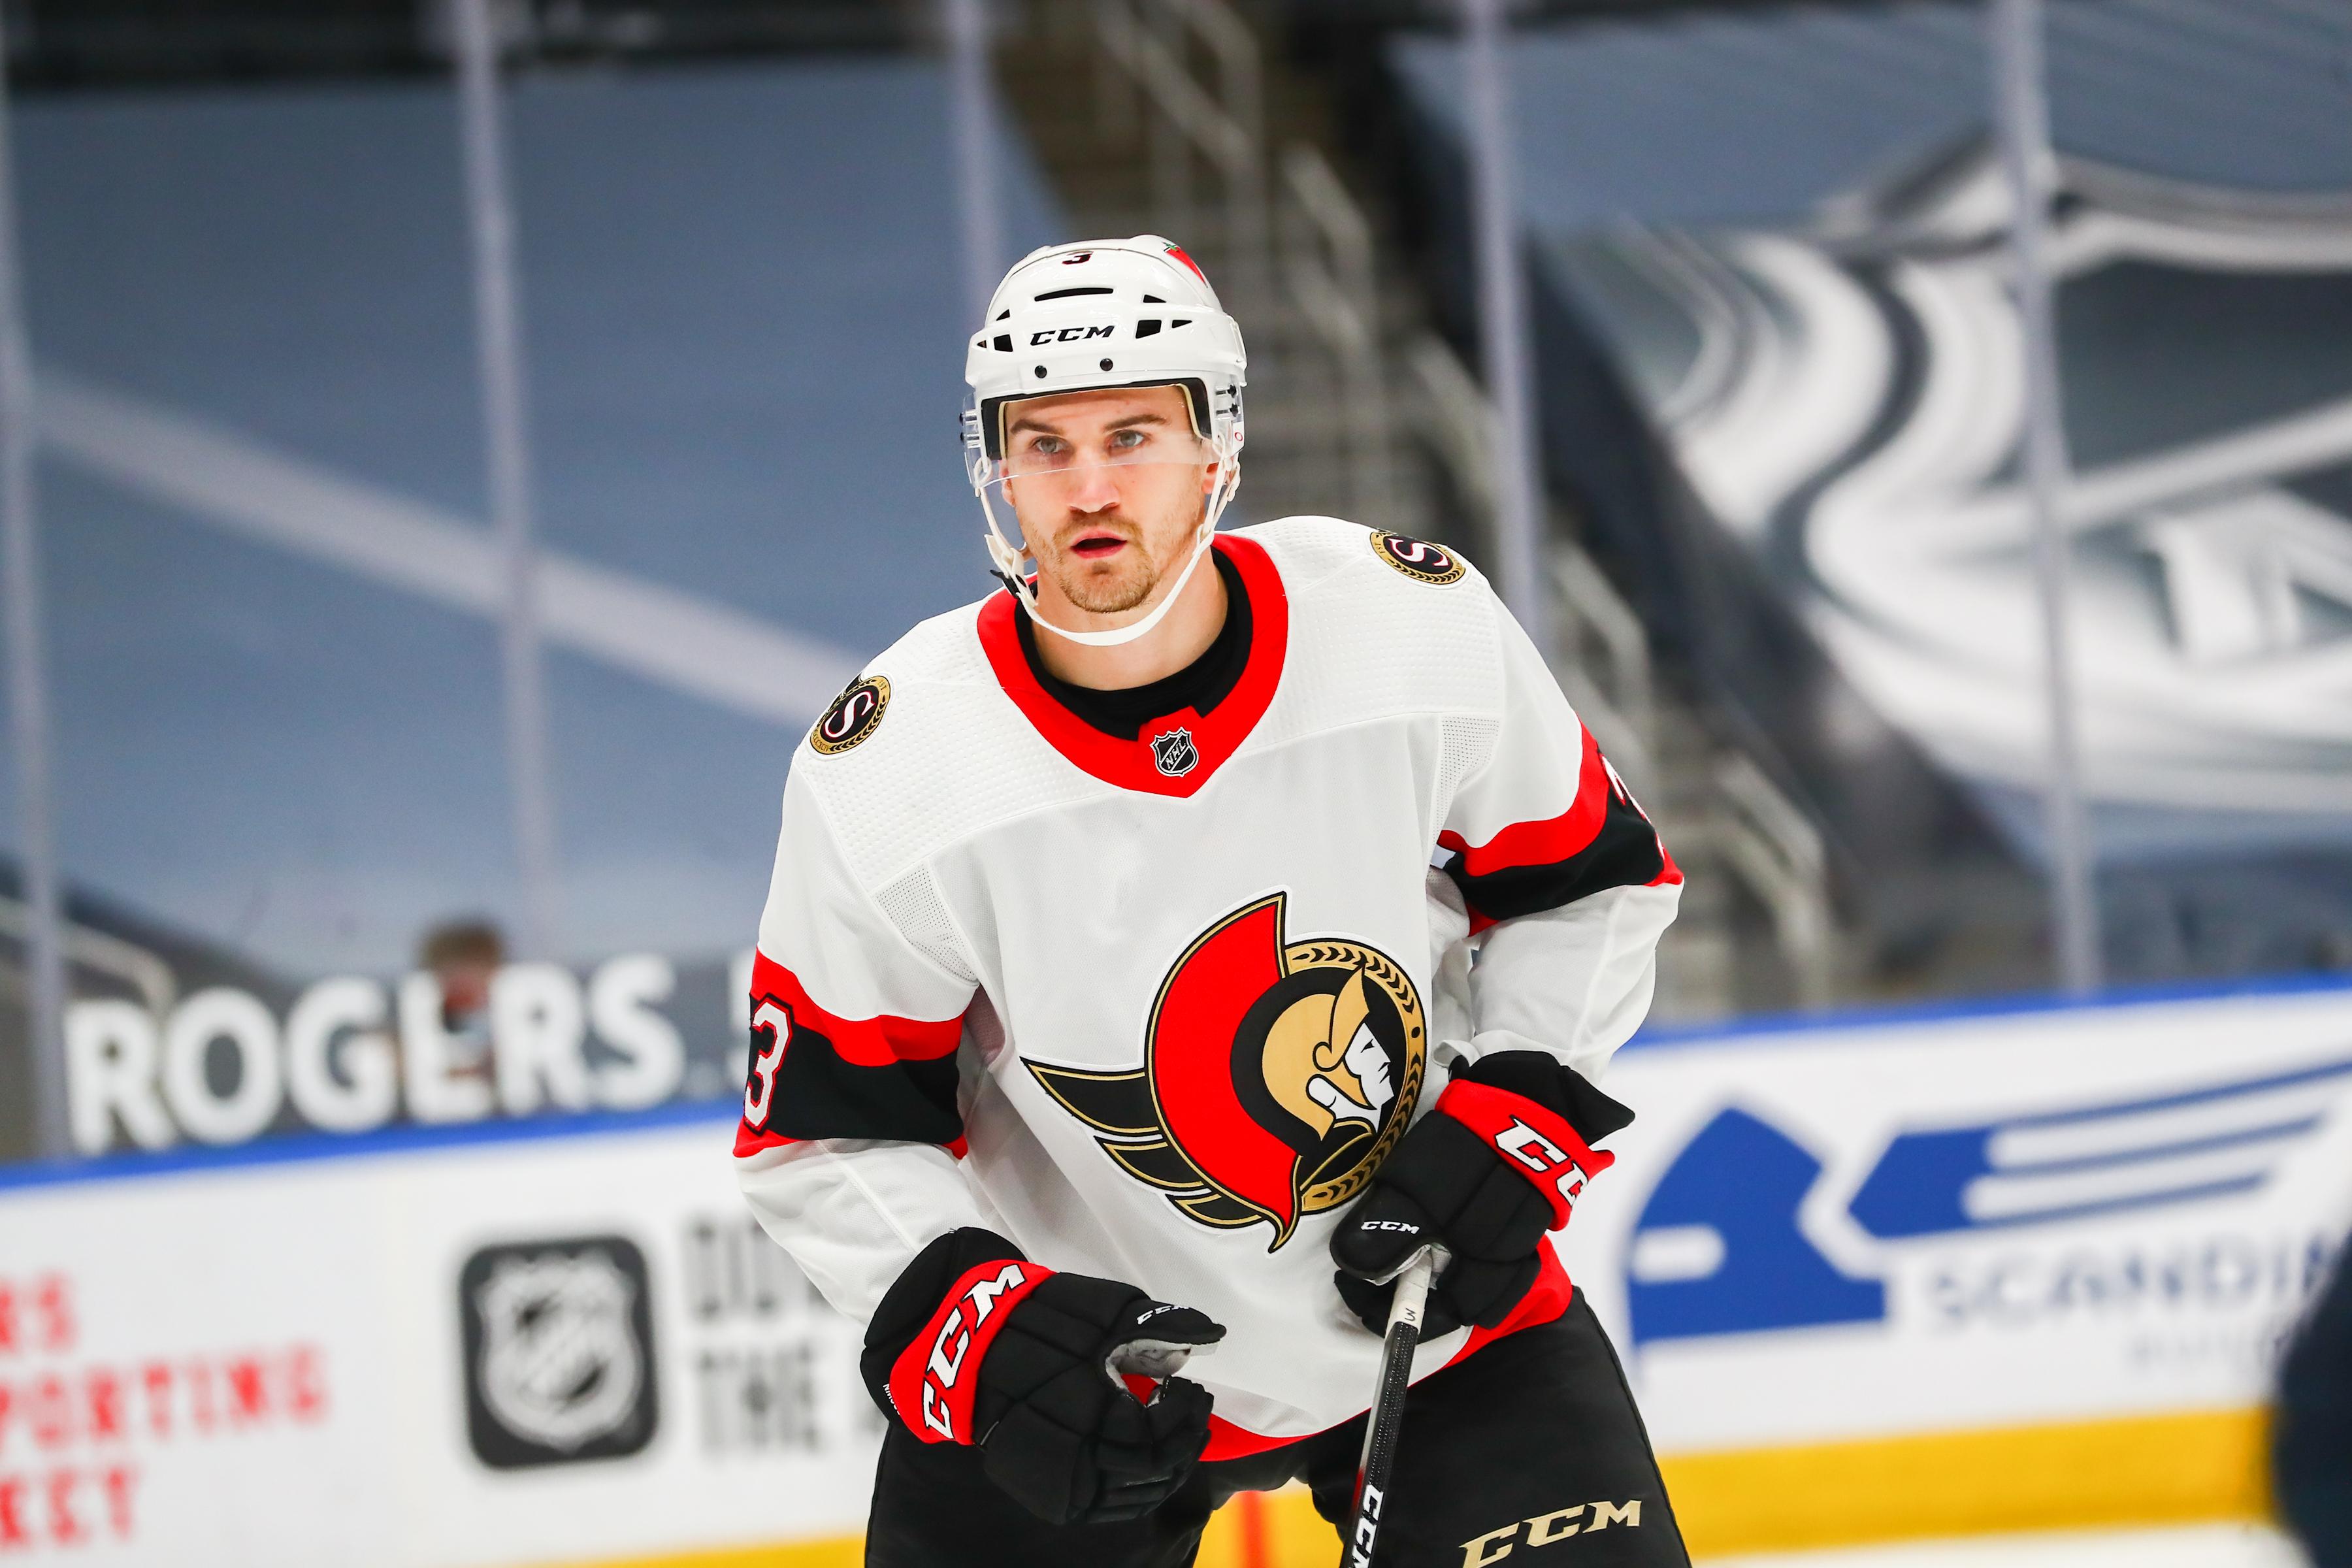 NHL: JAN 31 Senators at Oilers